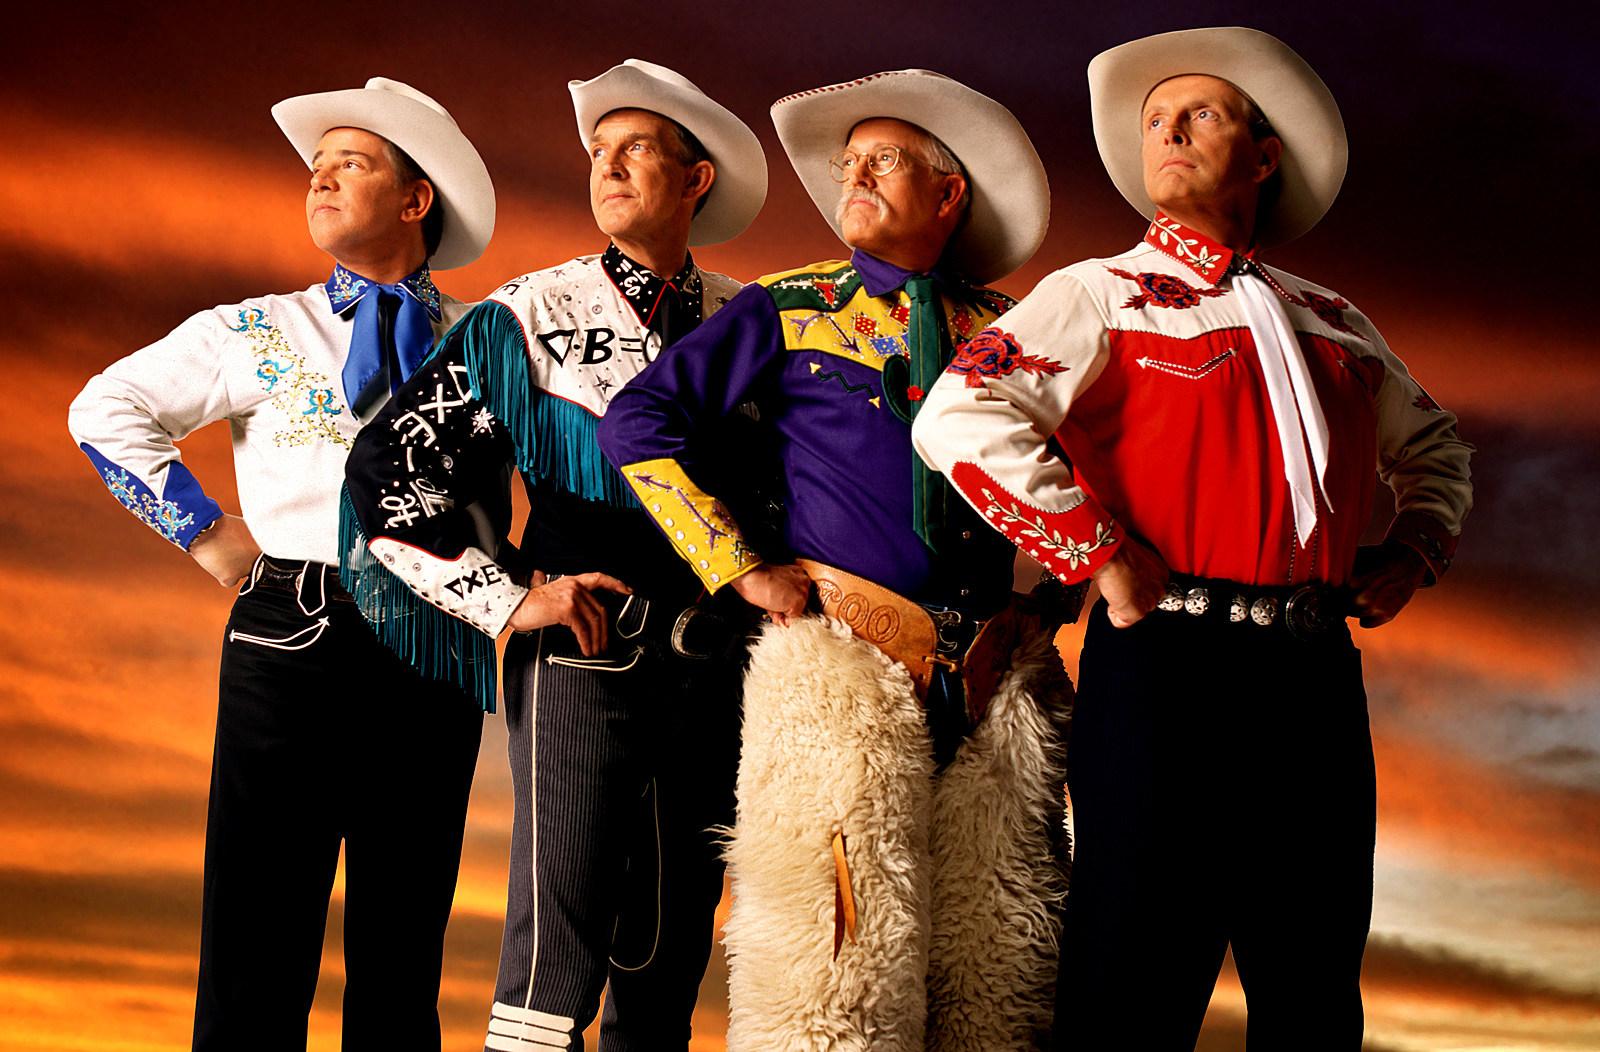 Oak Ridge Boys Plan Christmas Show In Casper